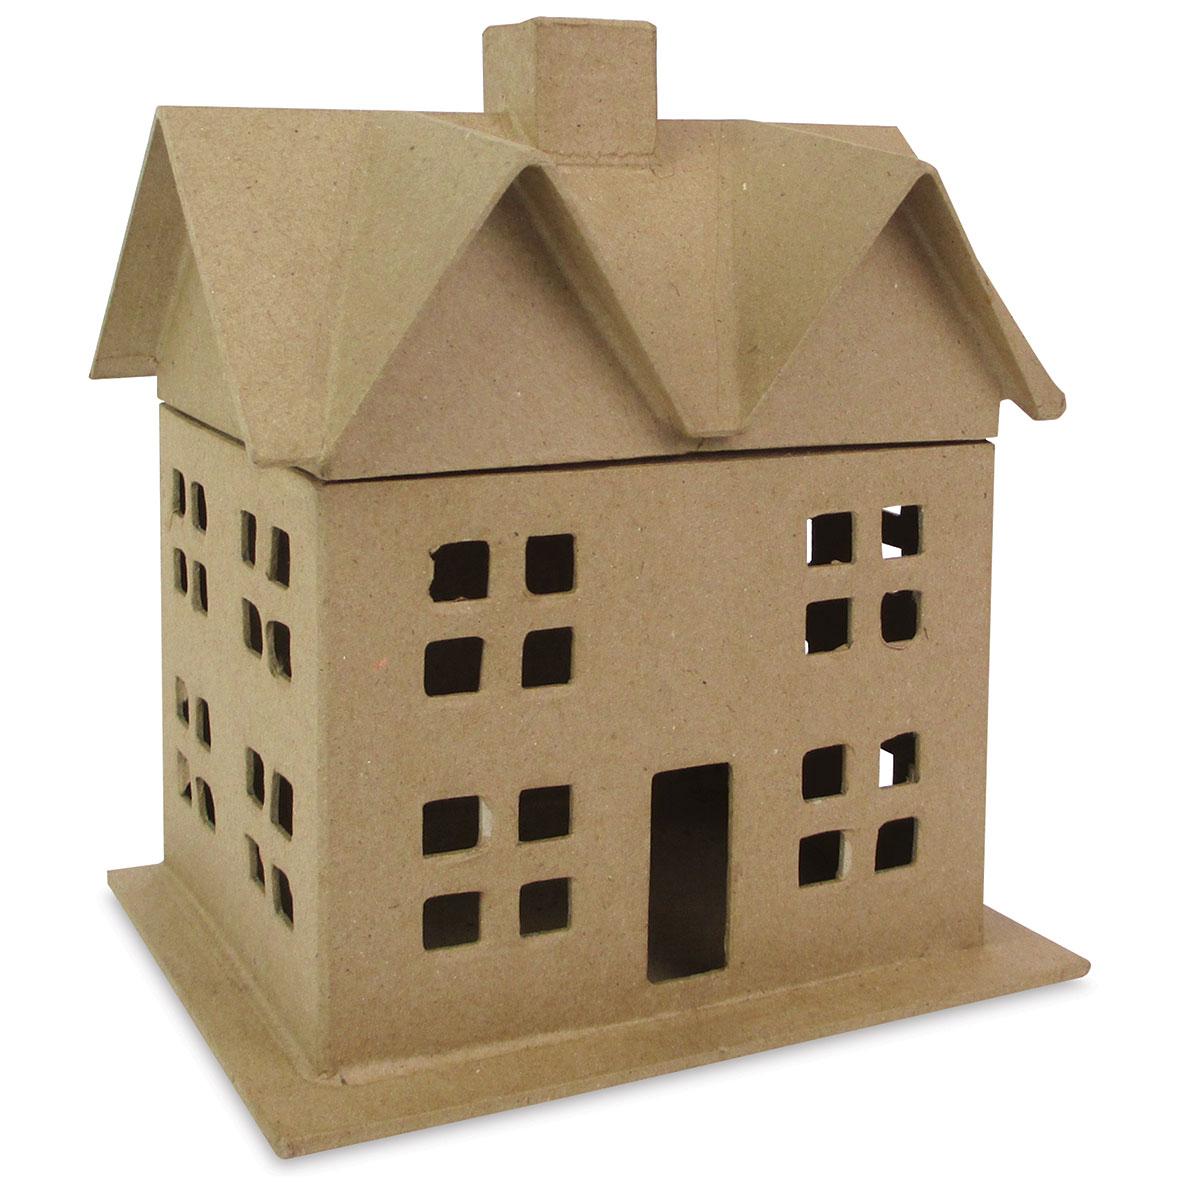 Papier Mâché House - Box House